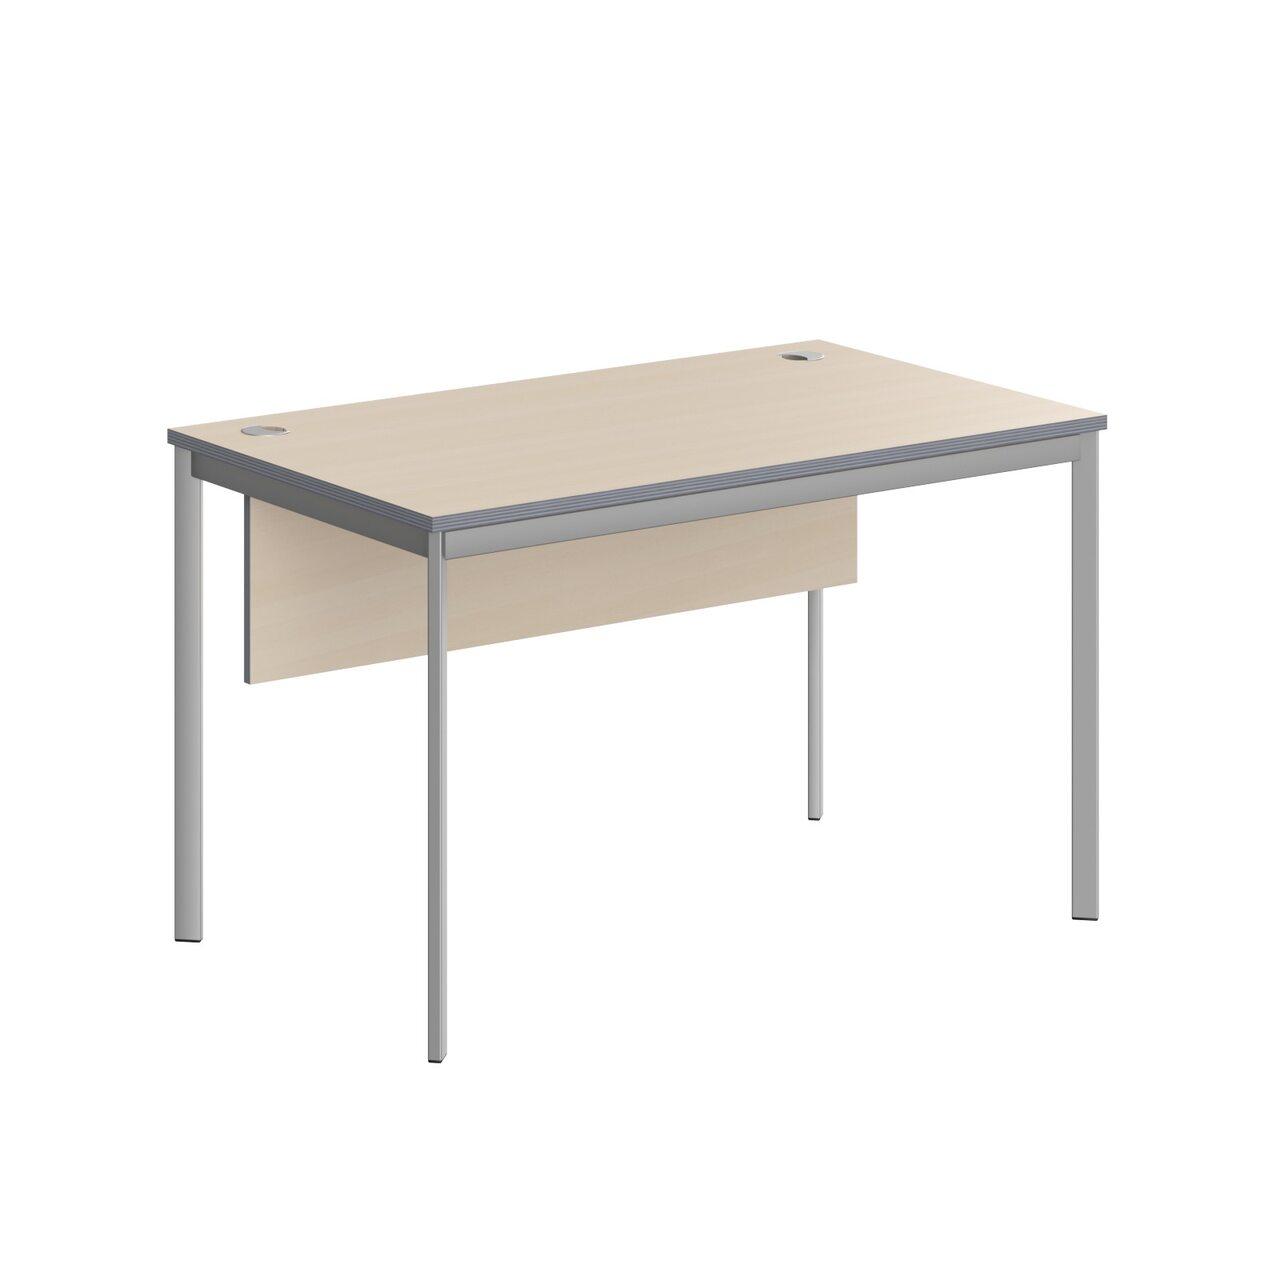 Стол прямой с фрональной панелью  IMAGO-S 72x120x76 - фото 5